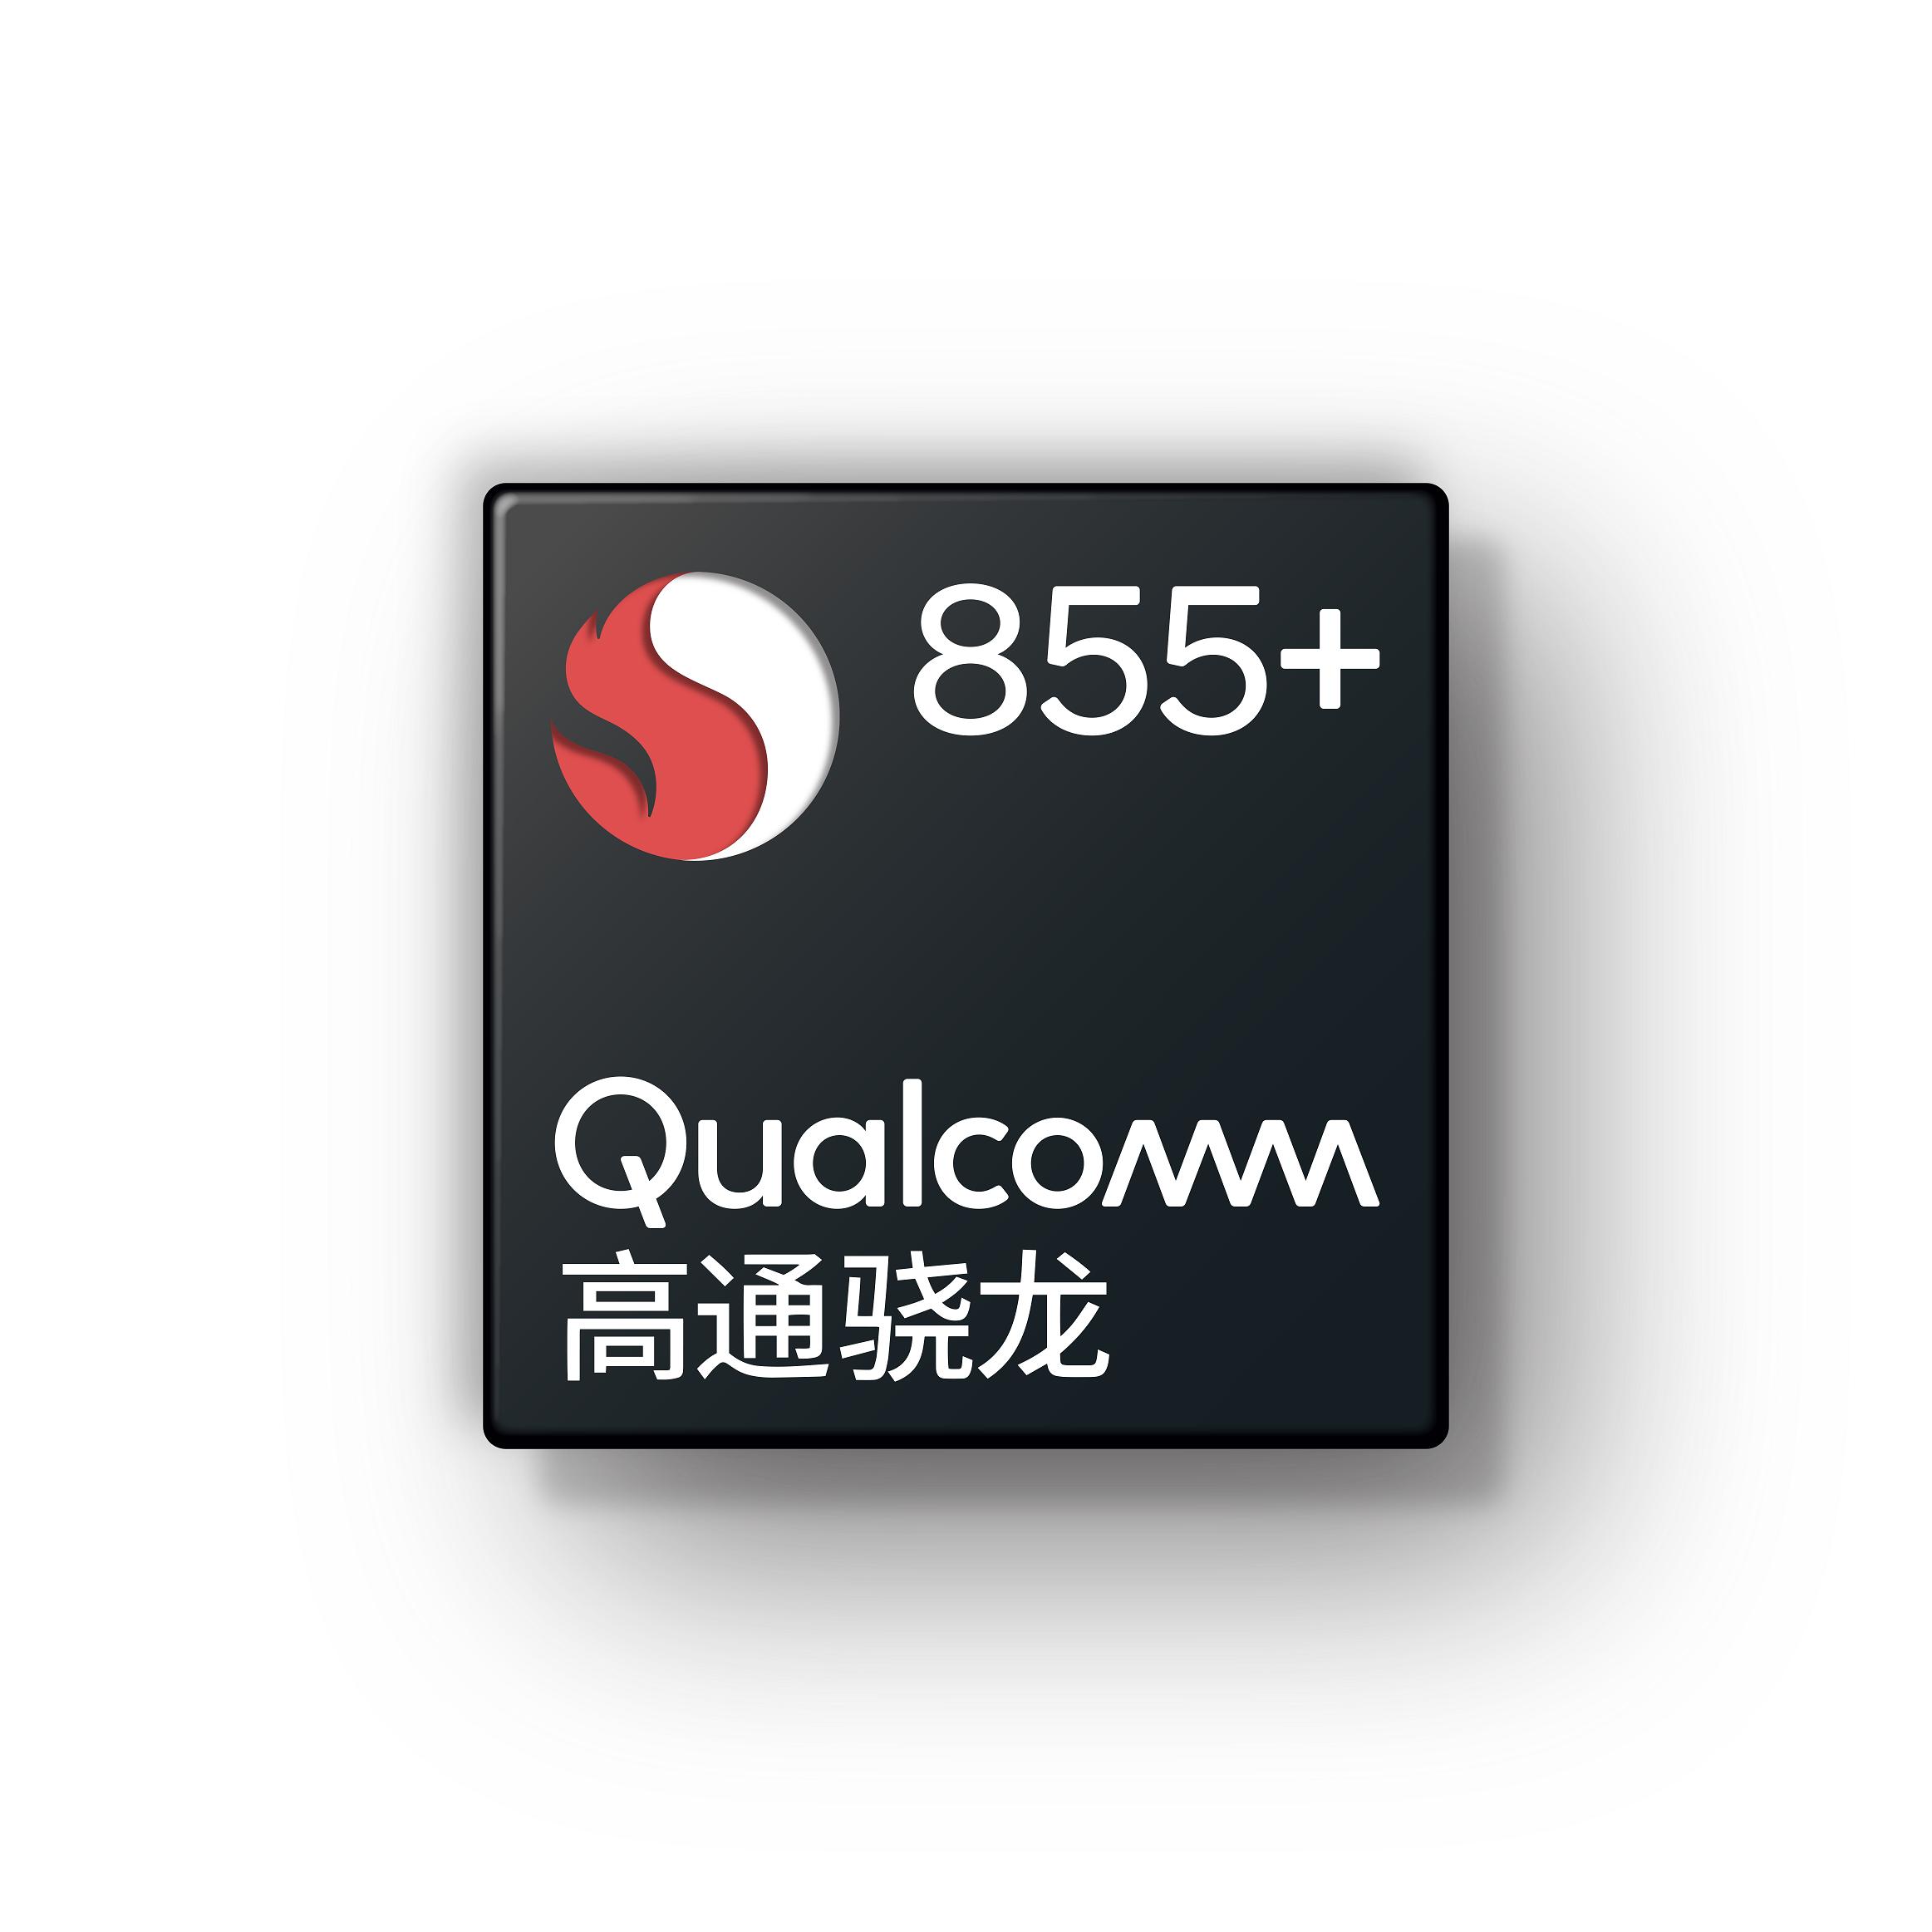 骁龙855Plus移动平台.png